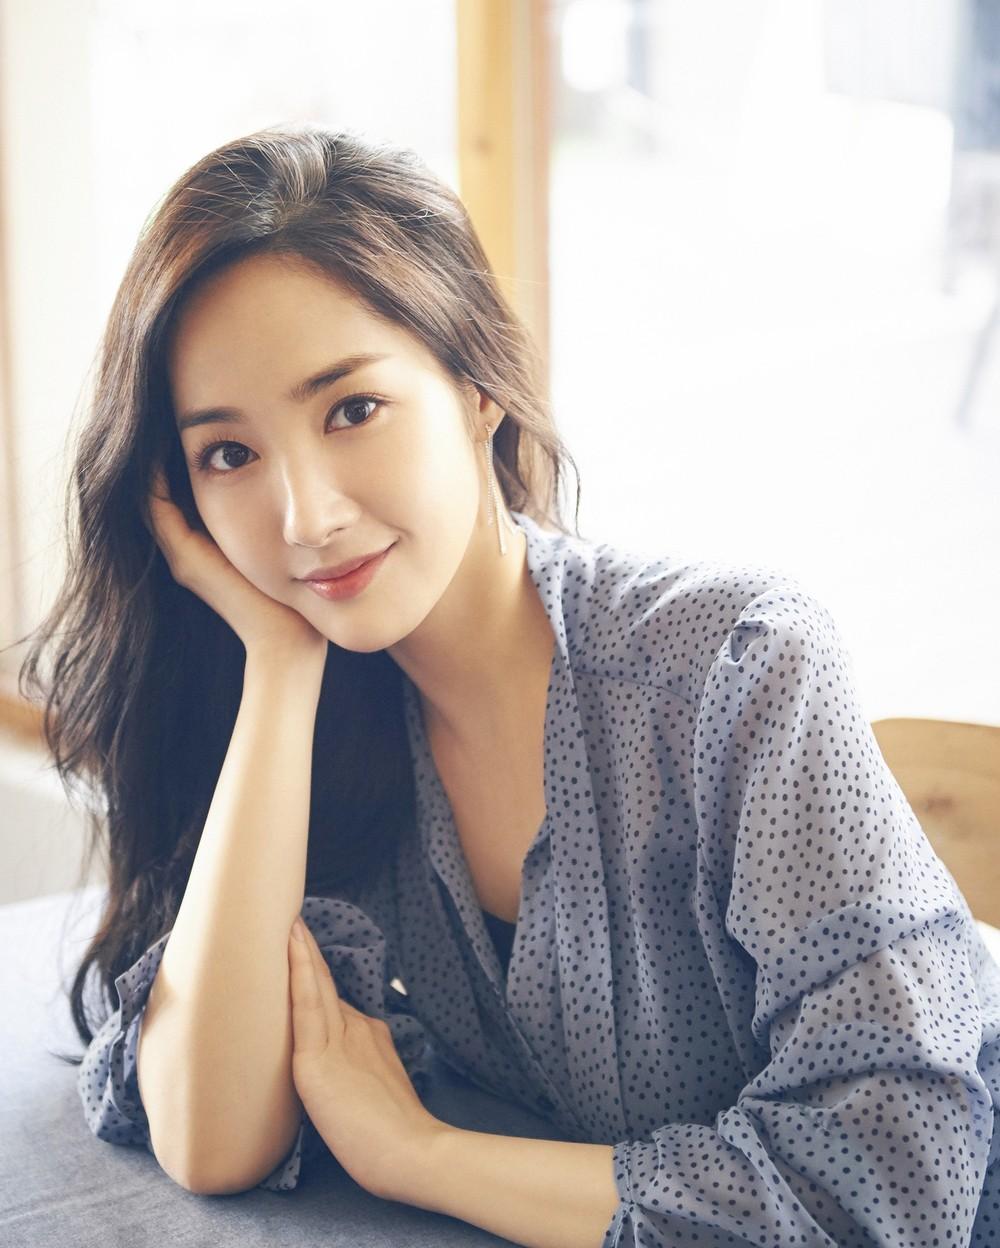 """So kè nhan sắc hai đại mỹ nhân sắp tới Việt Nam: Tình cũ Lee Min Ho mang danh """"dao kéo"""", người đẹp SNSD bị gọi là """"bình hoa di động - ảnh 15"""